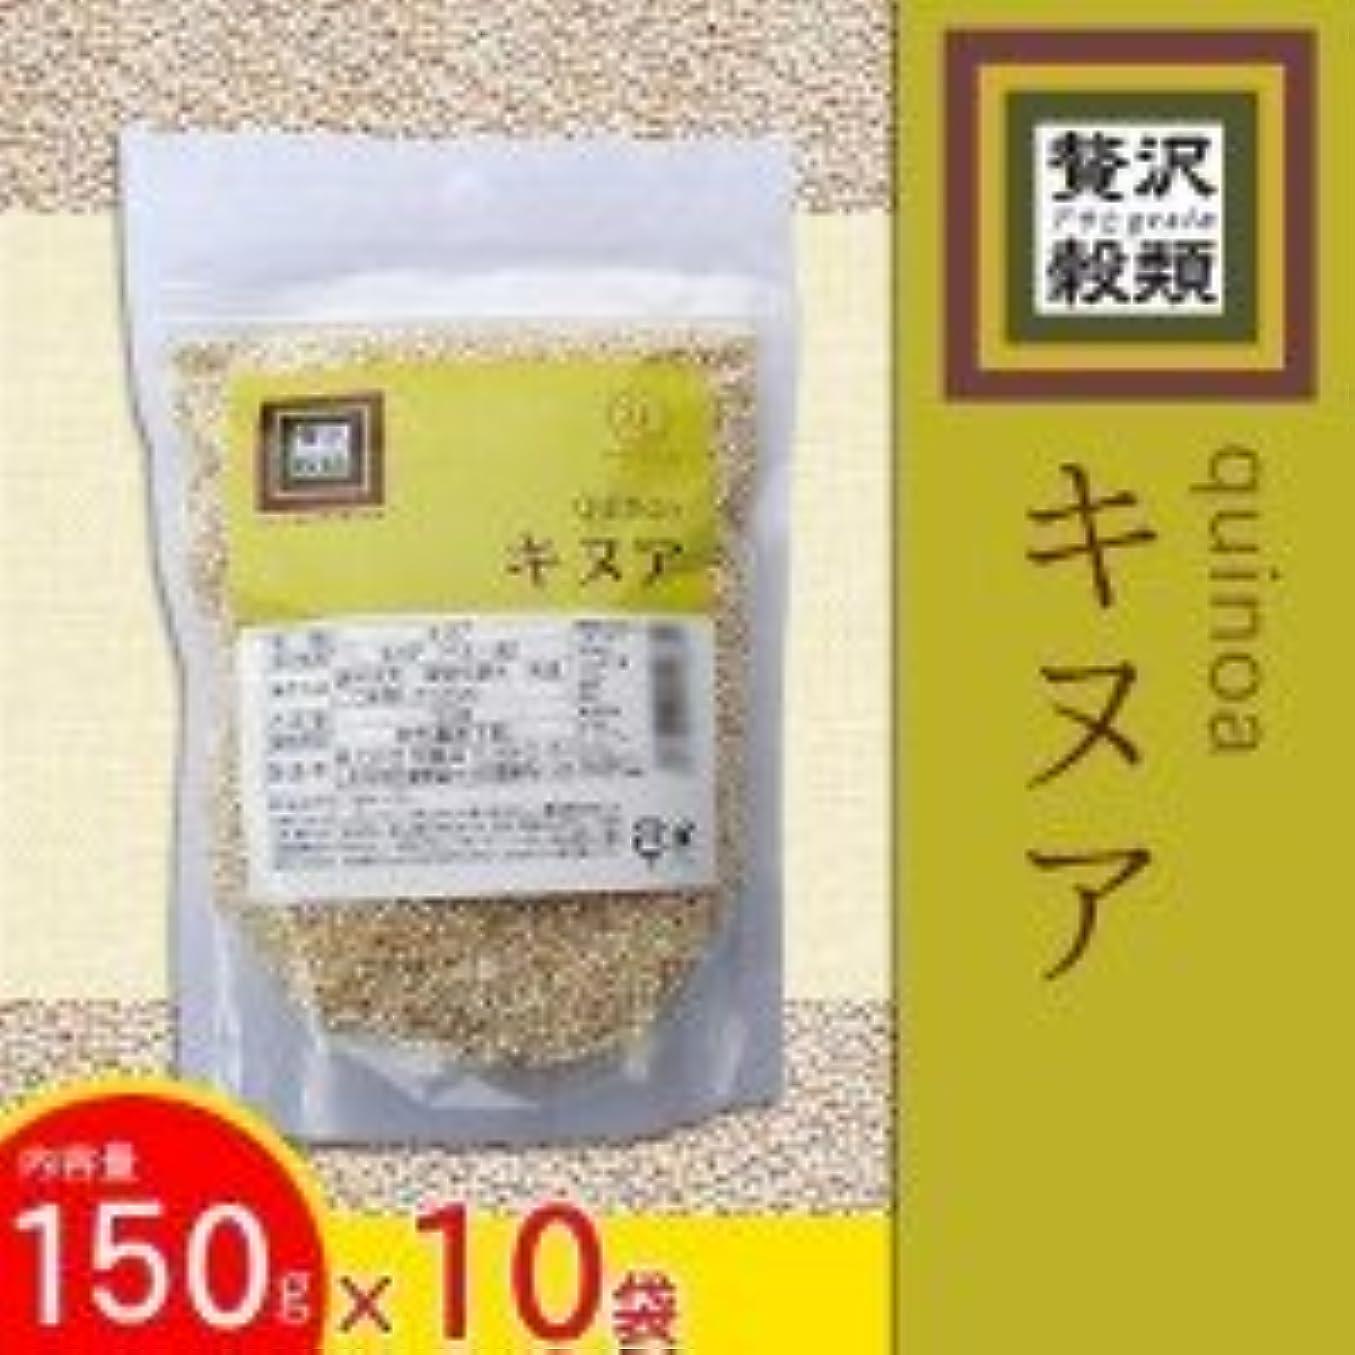 ミネラル準備する微弱贅沢穀類 キヌア 150g×10袋